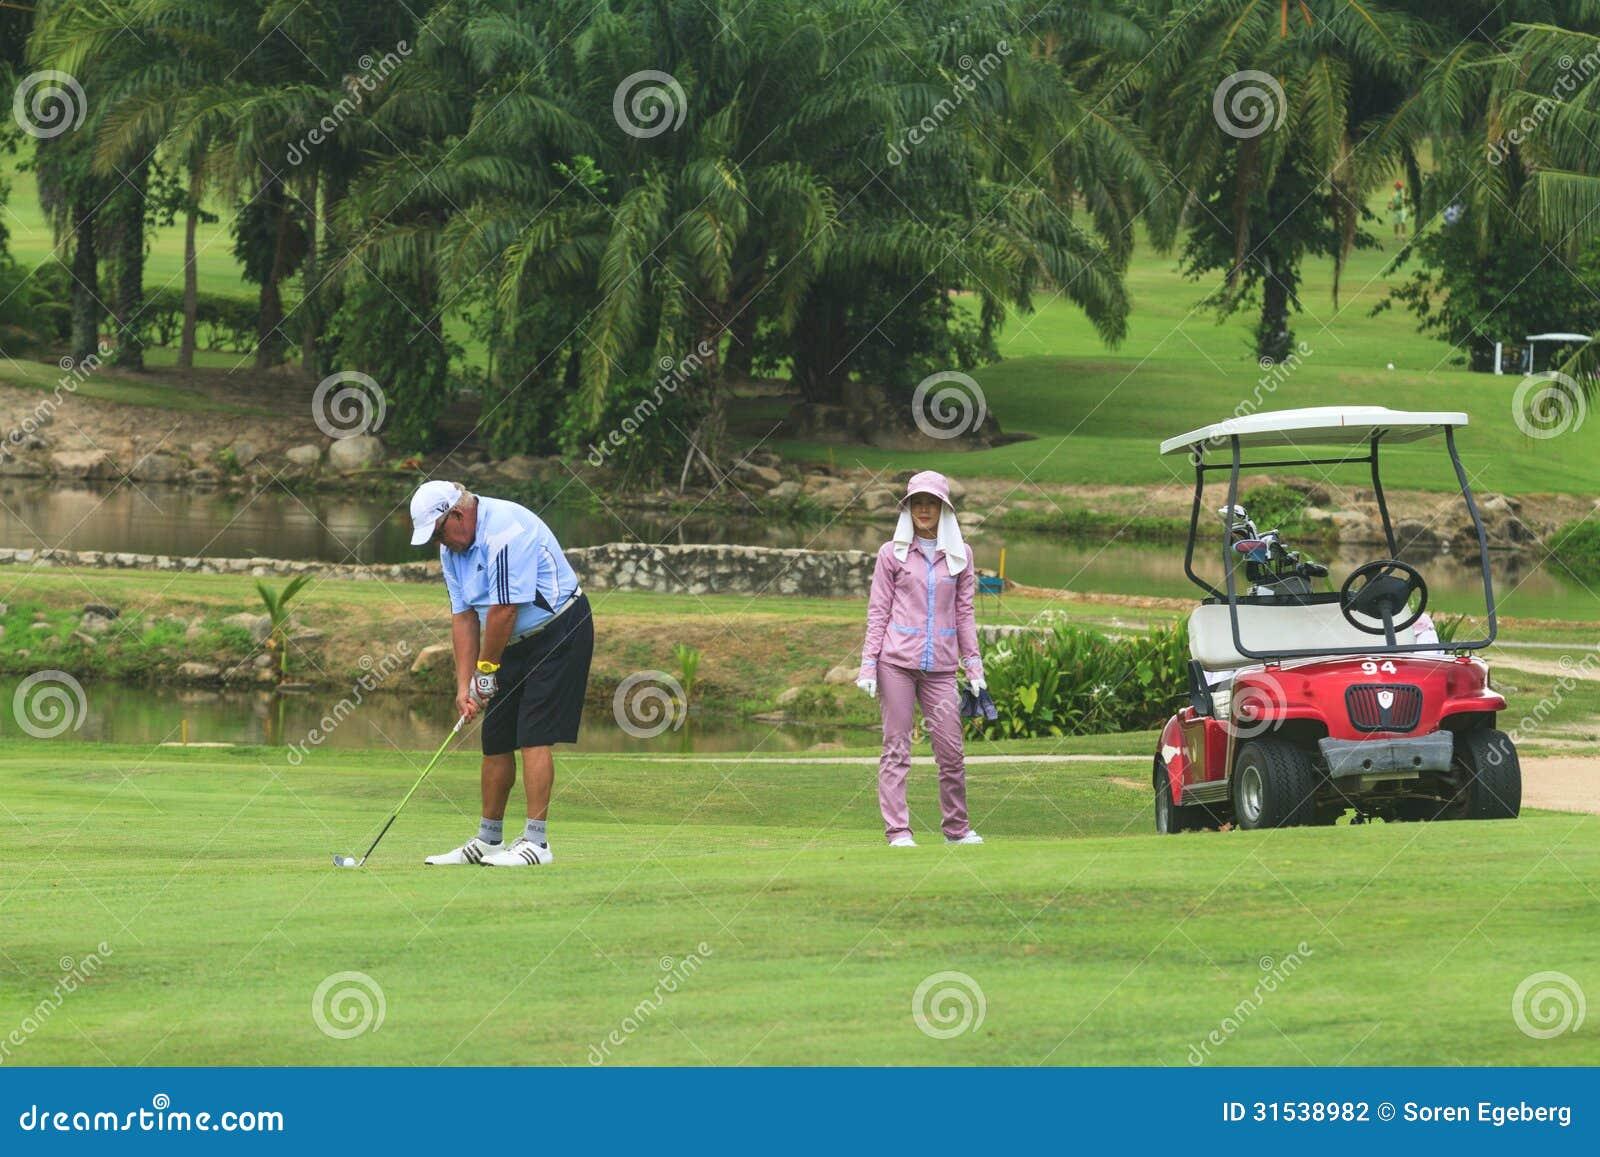 Golfeur sur le terrain de golf en Thaïlande